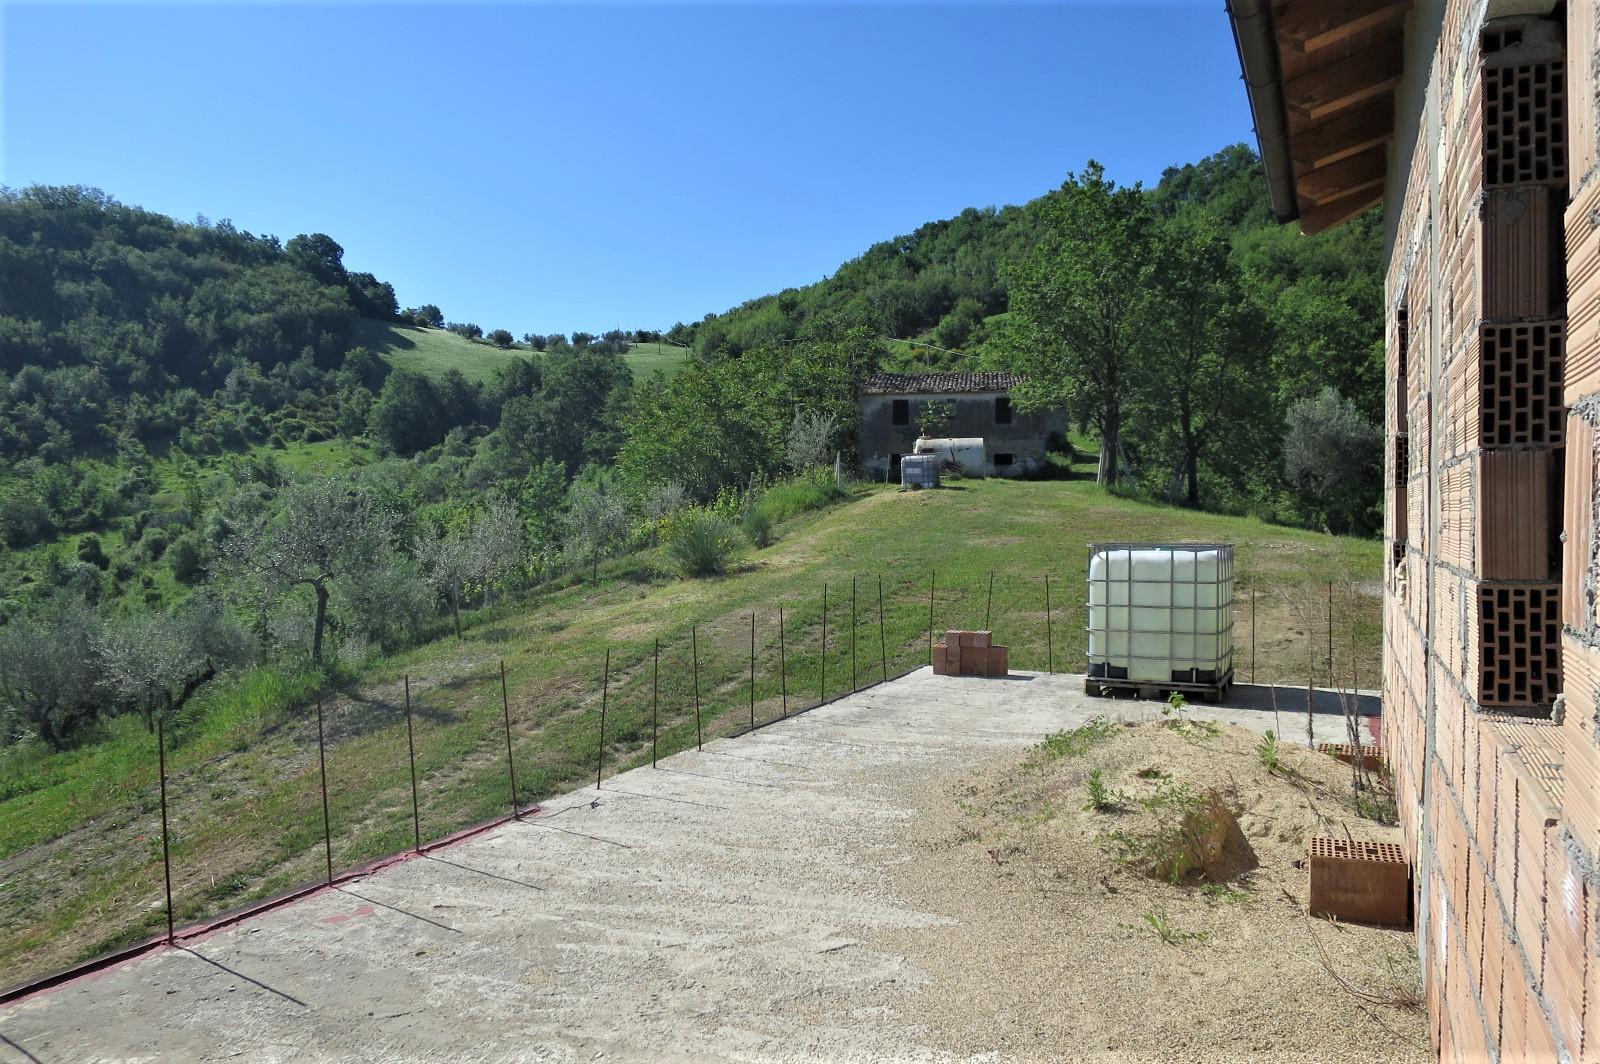 Country Houses Country Houses for sale Castiglione Messer Raimondo (TE), Casa Paradiso - Castiglione Messer Raimondo - EUR 181.096 10